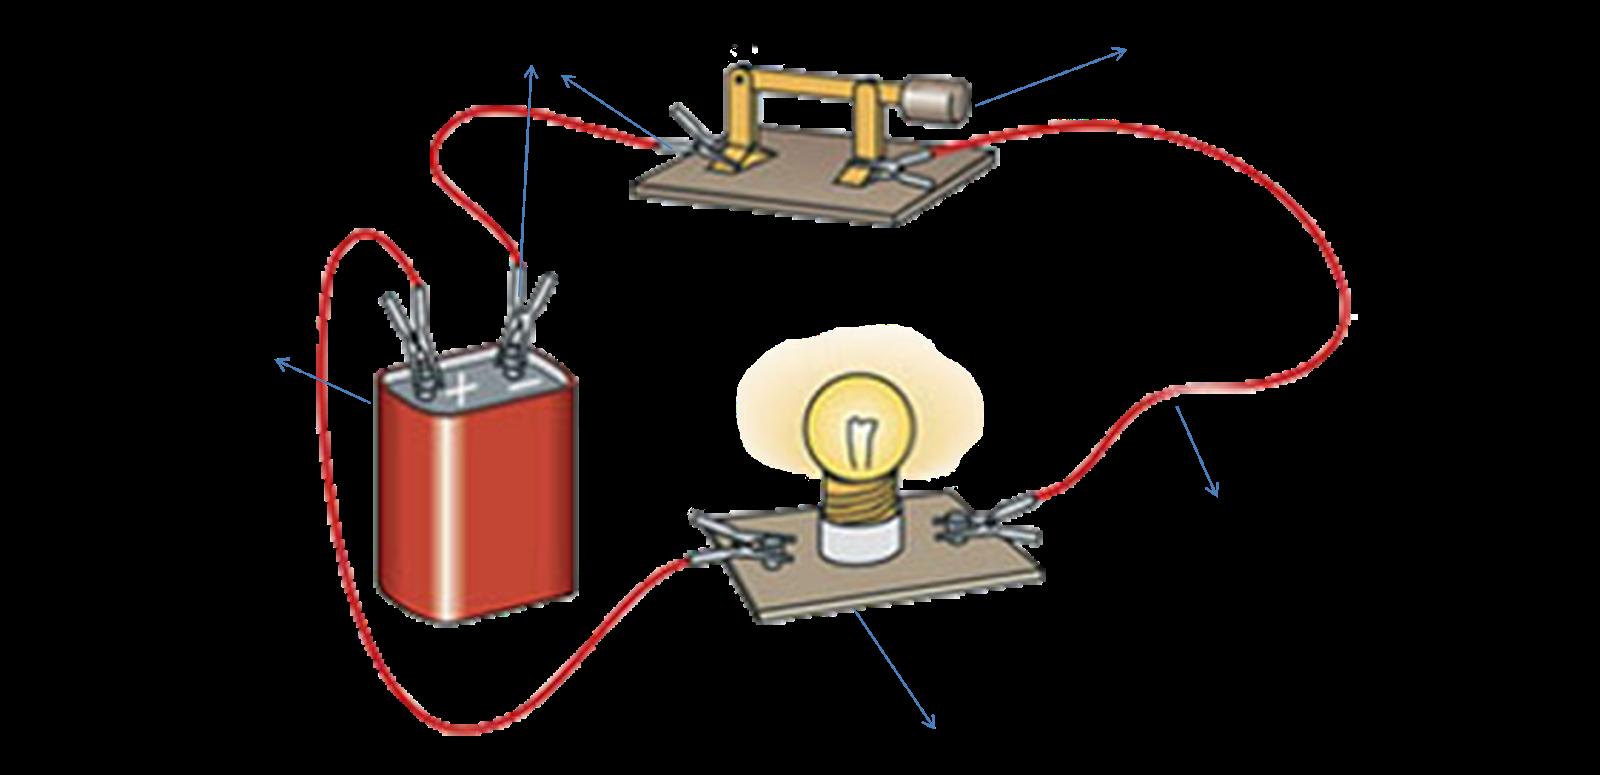 Circuito Eletricos : Ciências físico químicas circuitos elétricos